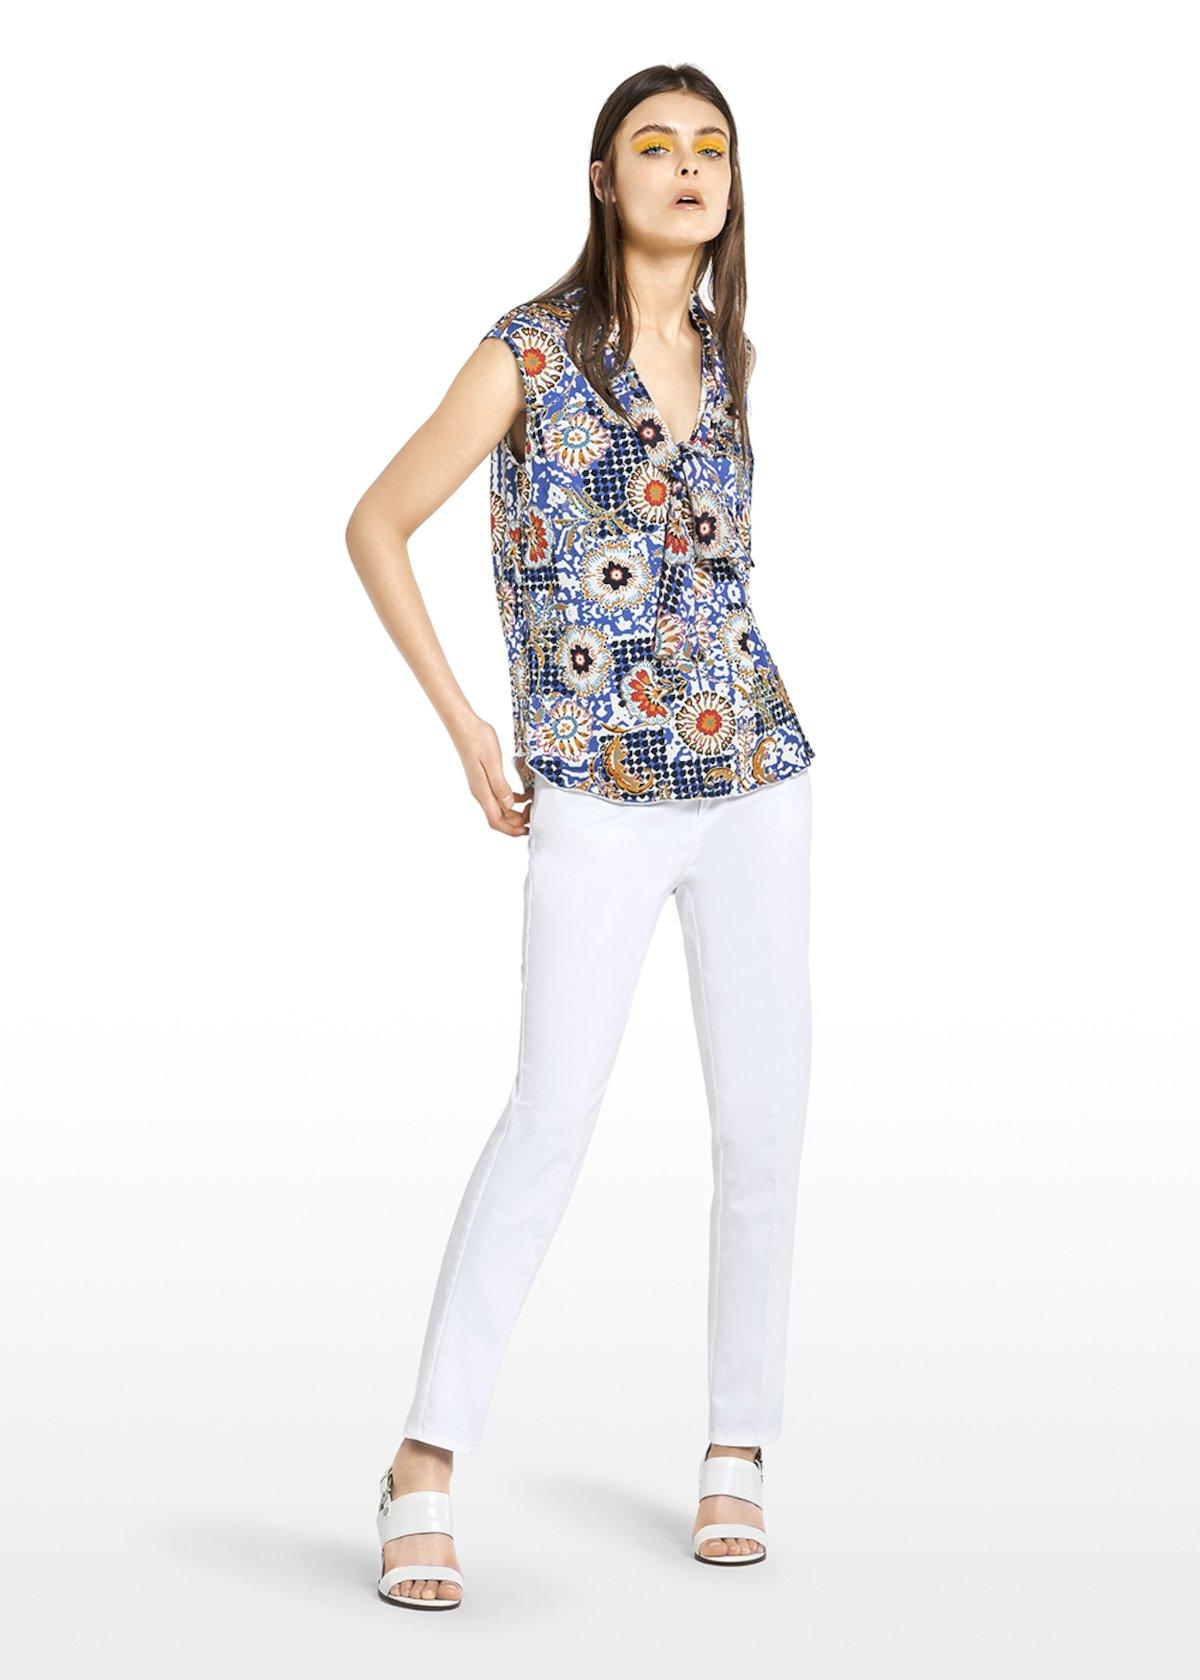 Taty sleeveless top Ankara print - Avion / White Fantasia - Woman - Category image